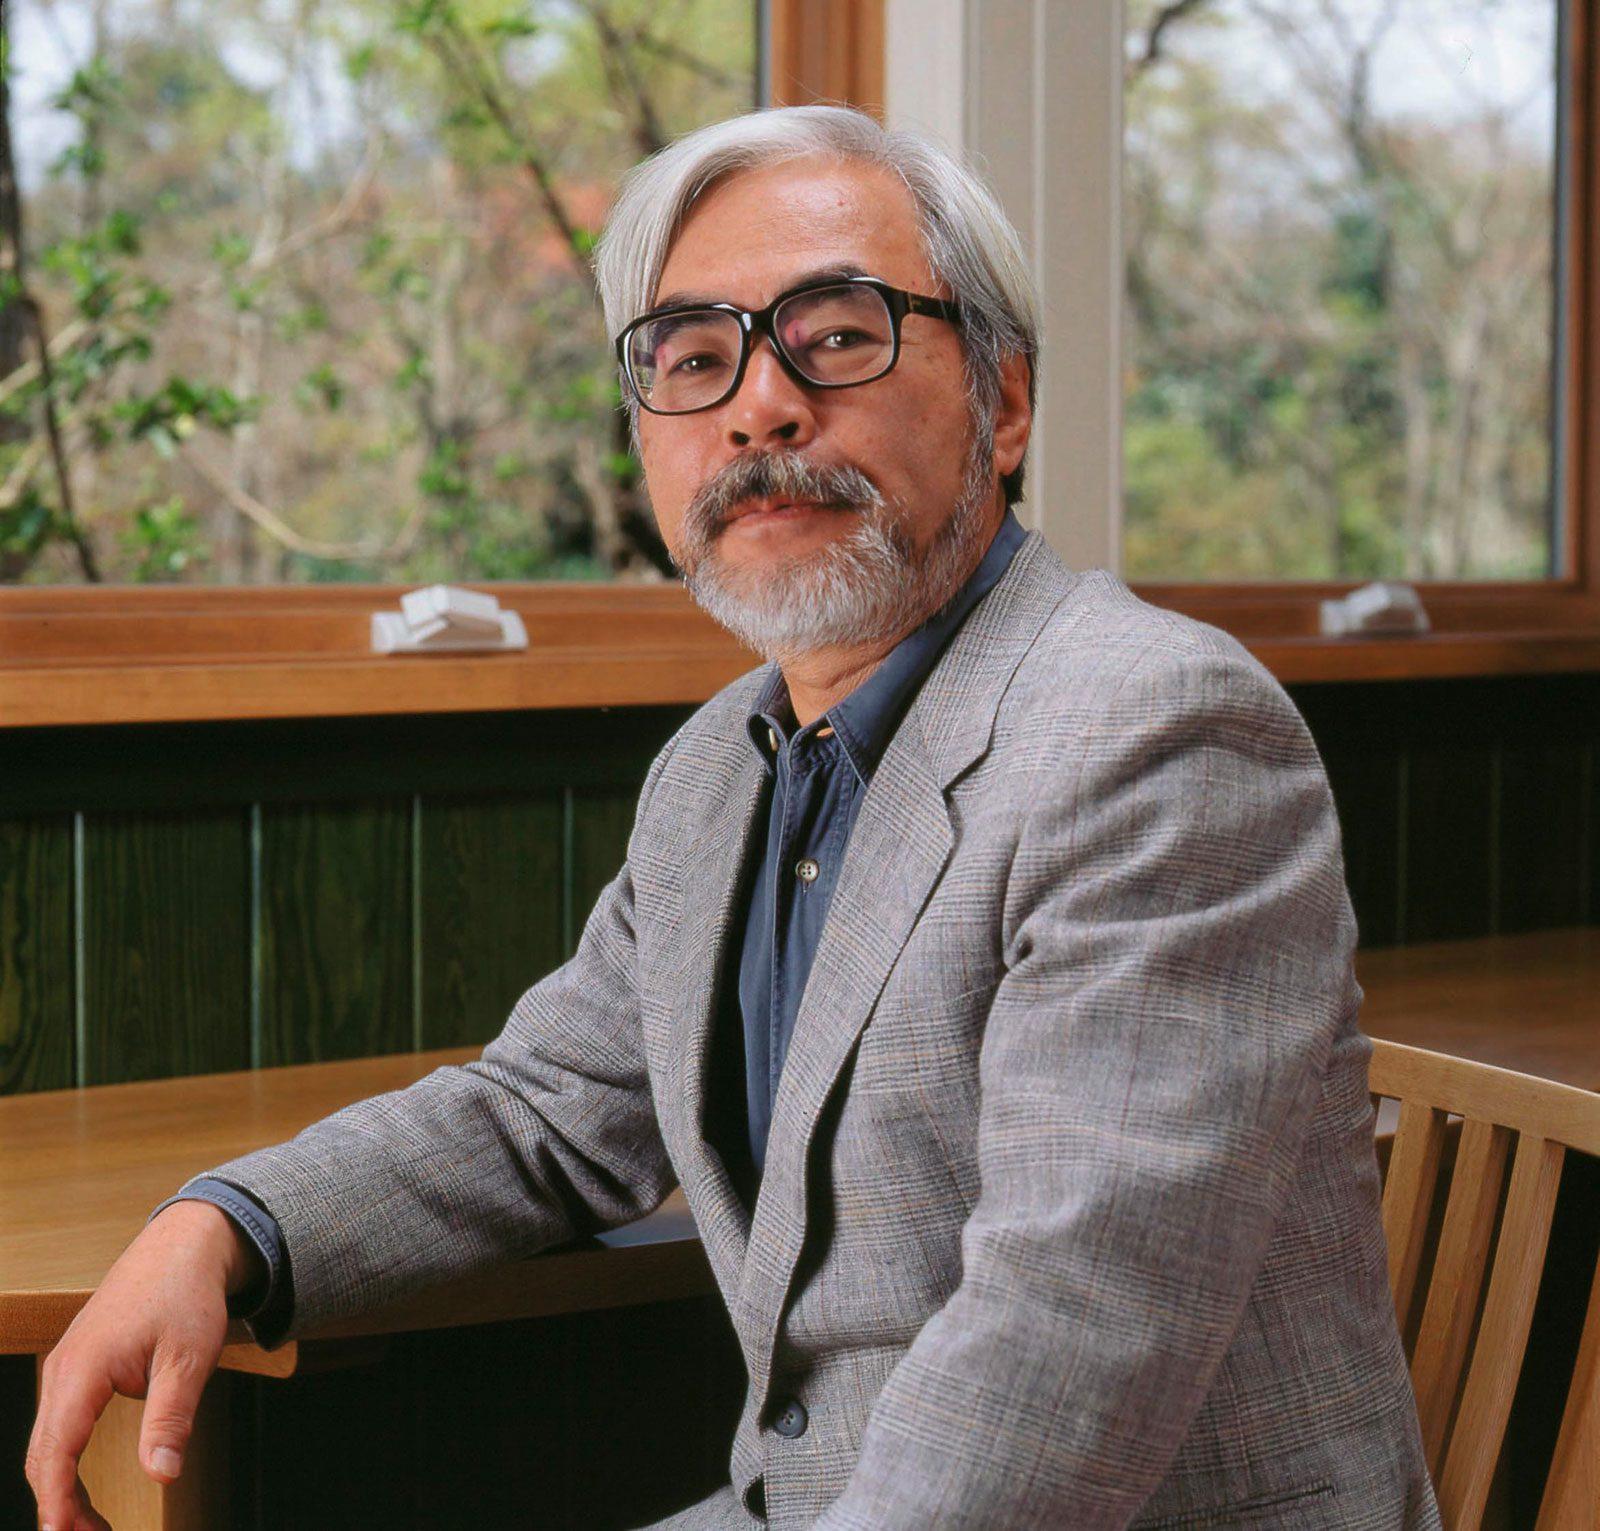 Hayao Miyazaki – vị biên kịch, hoạ sĩ, đạo diễn tài năng của Nhật Bản với các tác phẩm gây chấn động thế giới như Vùng Đất Linh Hồn, Mộ Đom Đóm